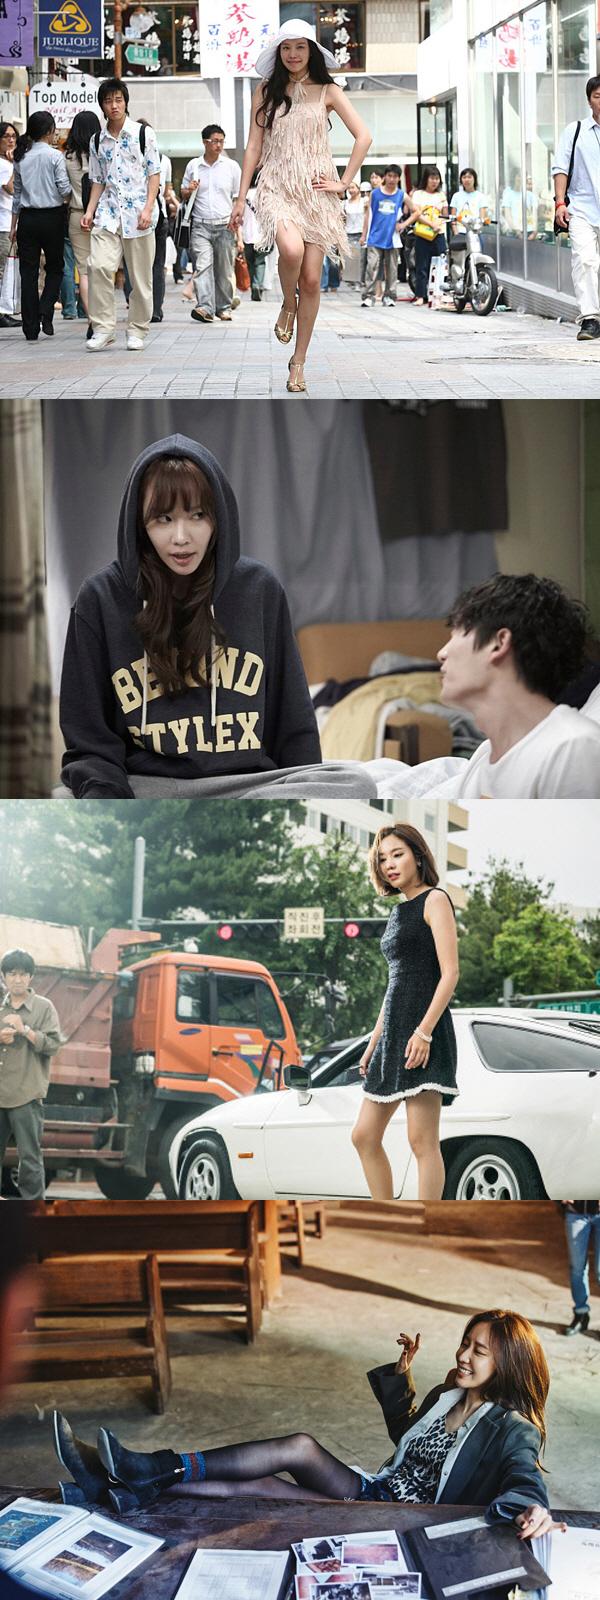 '나쁜 녀석들: 더 무비' 김아중, 범죄 오락 액션까지 섭렵..장르 변화 성공적